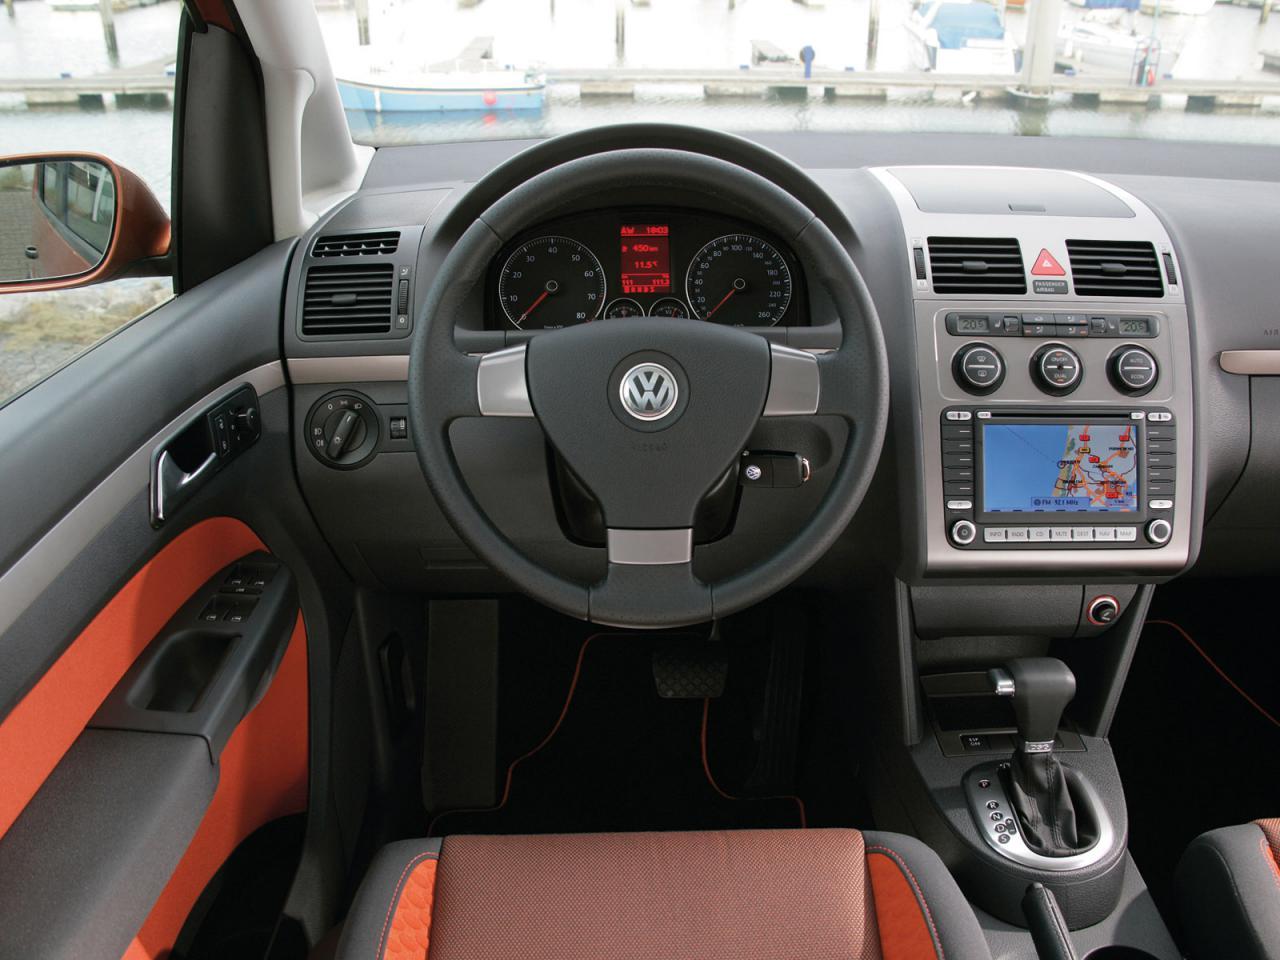 Vw volkswagen touran i tourancross 004inside for Interior touran